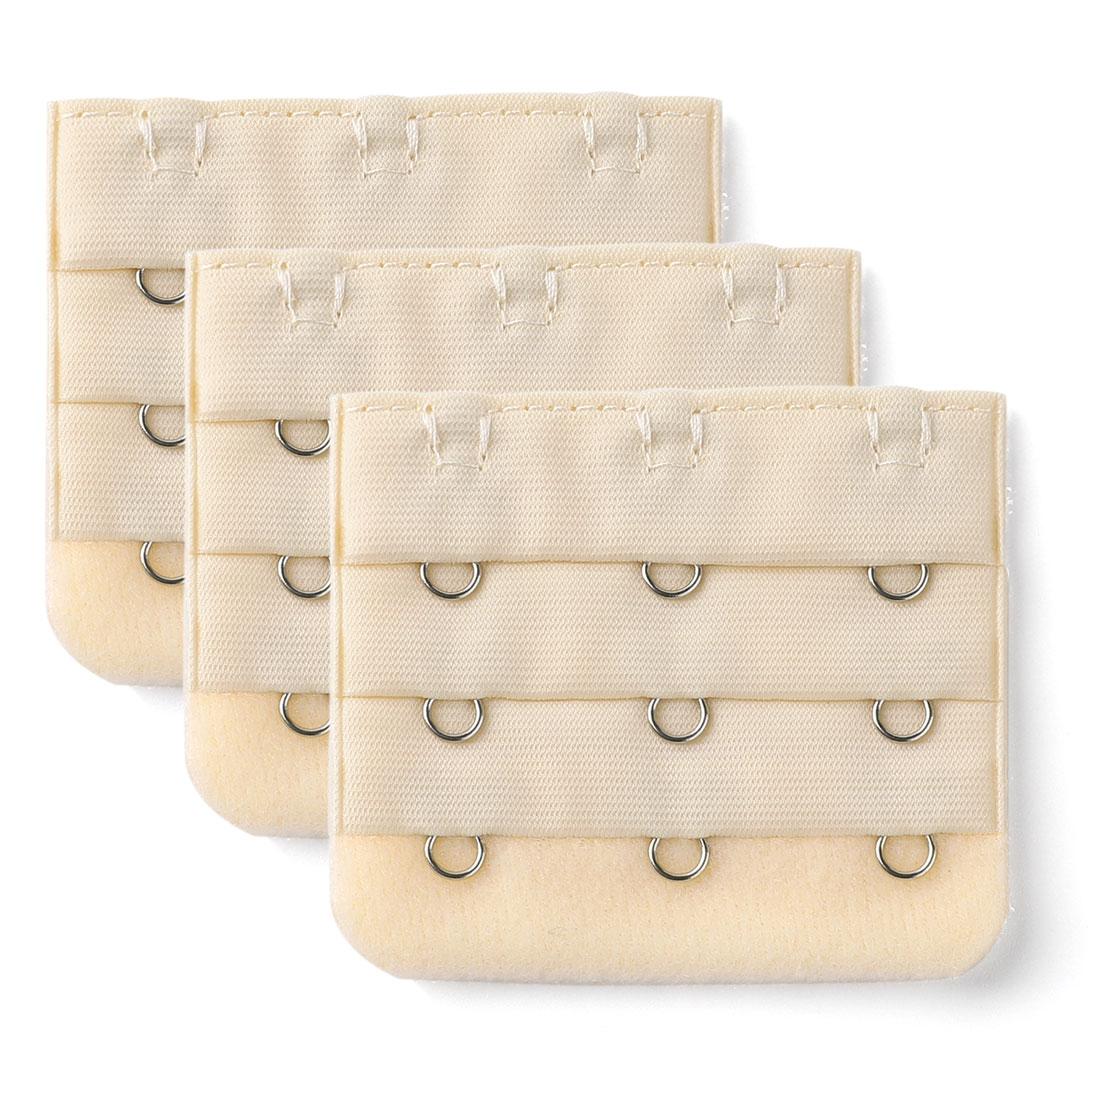 Women Bra Strap Extension 3 Hooks 3 Rows Underwear Buckle Hook Beige 3 Pcs